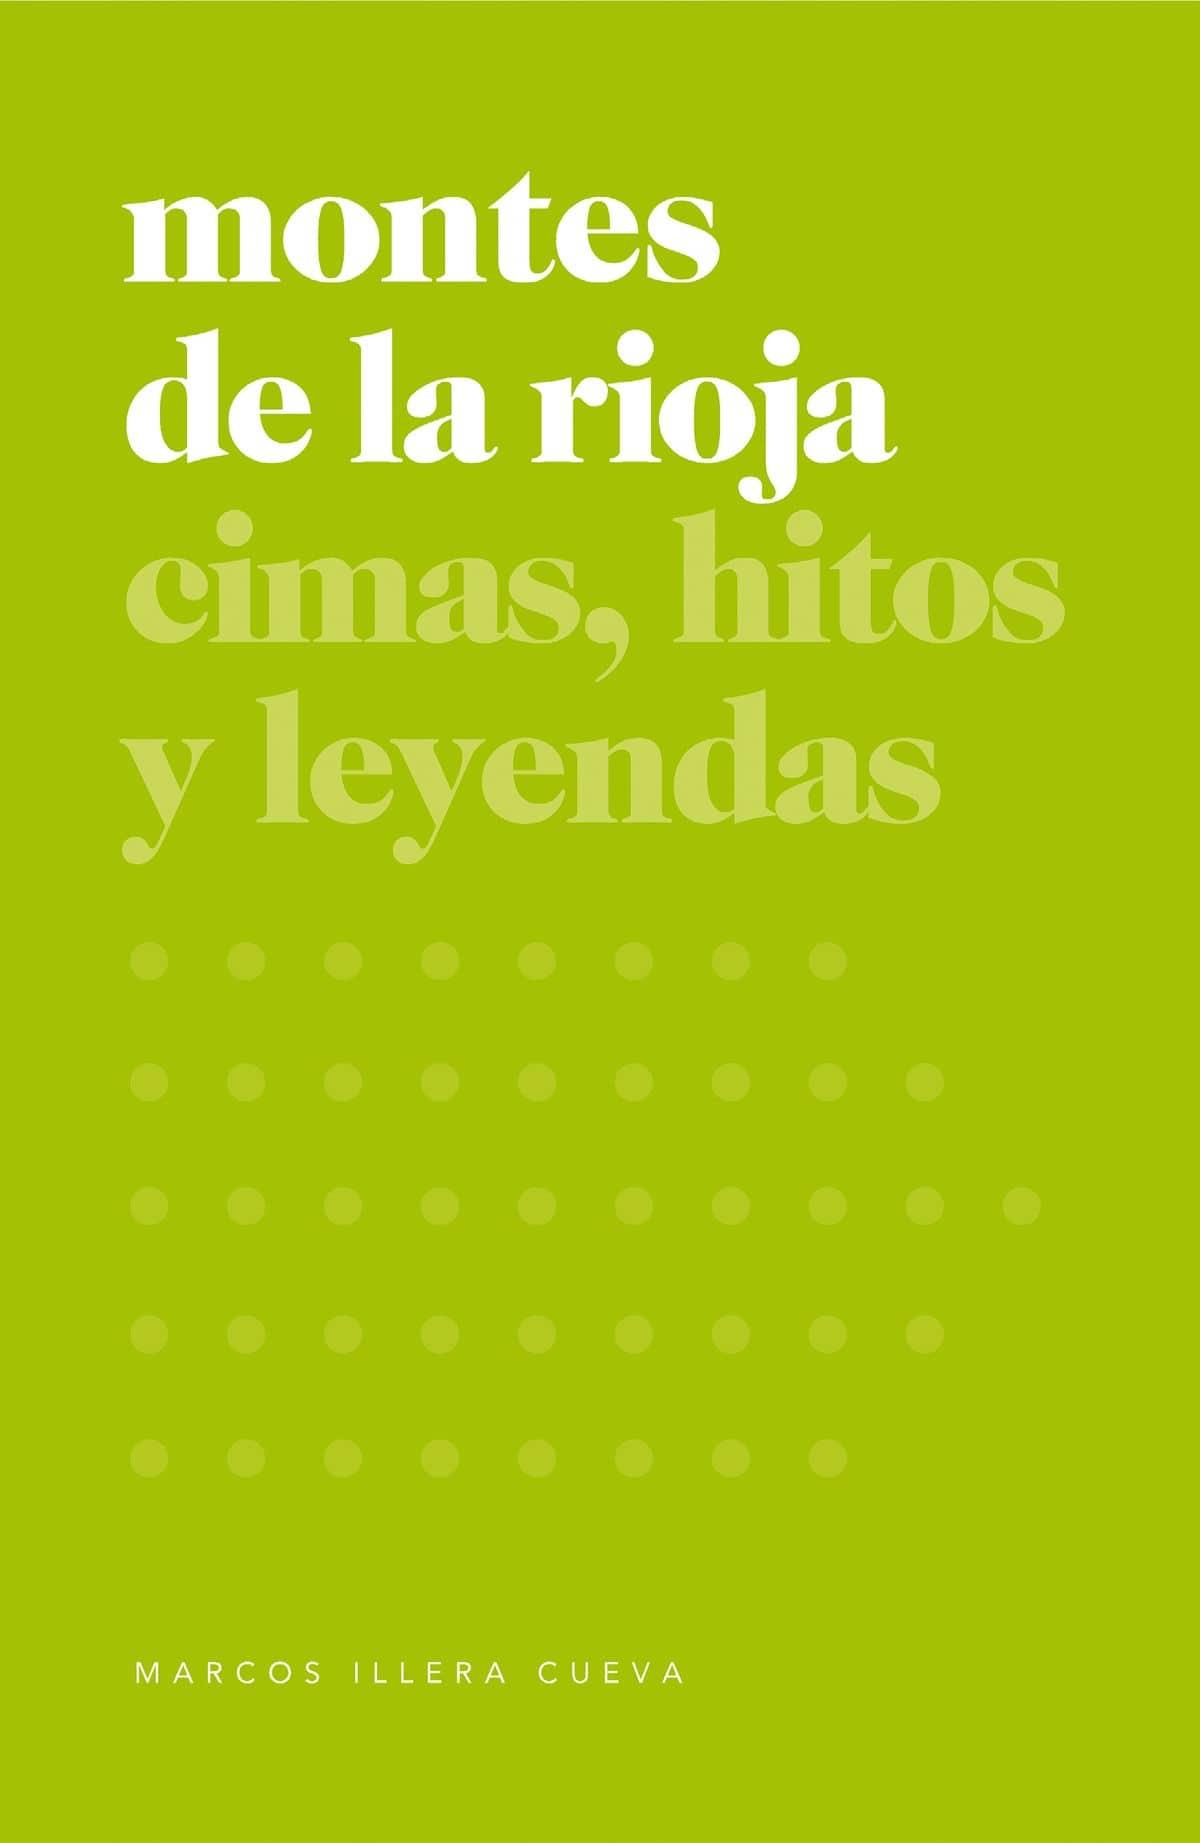 Un viaje de más de 40.000 kilómetros para contar la historia de los montes de La Rioja 4